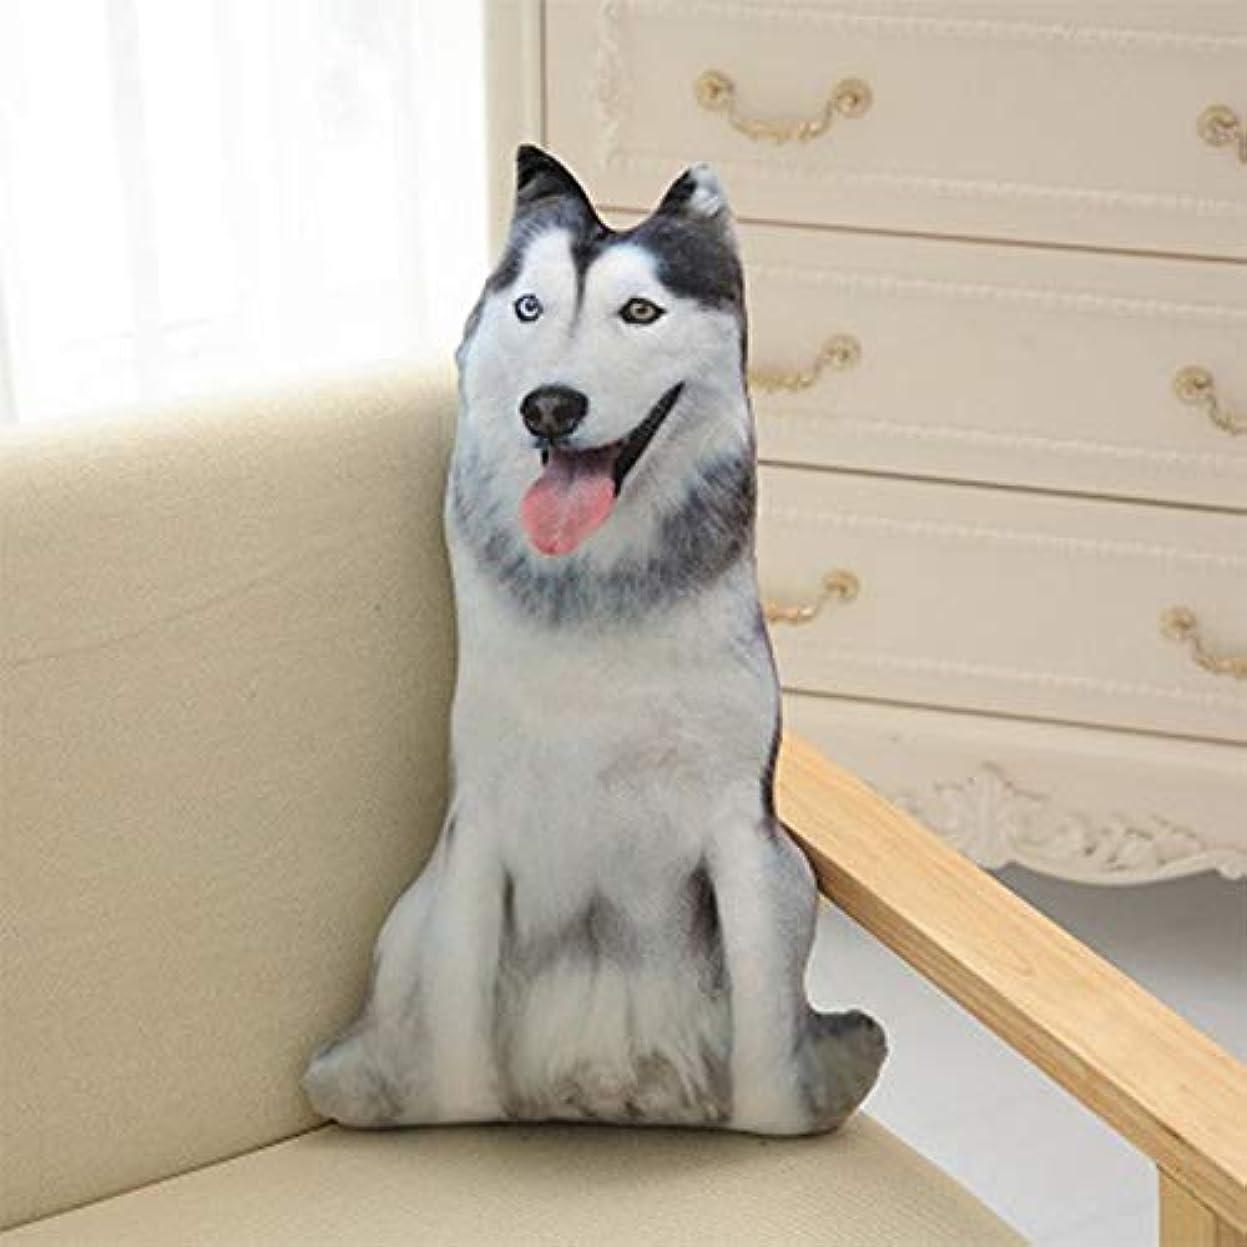 厳サイレント債務者LIFE 3D プリントシミュレーション犬ぬいぐるみクッションぬいぐるみ犬ぬいぐるみ枕ぬいぐるみの漫画クッションキッズ人形ベストギフト クッション 椅子